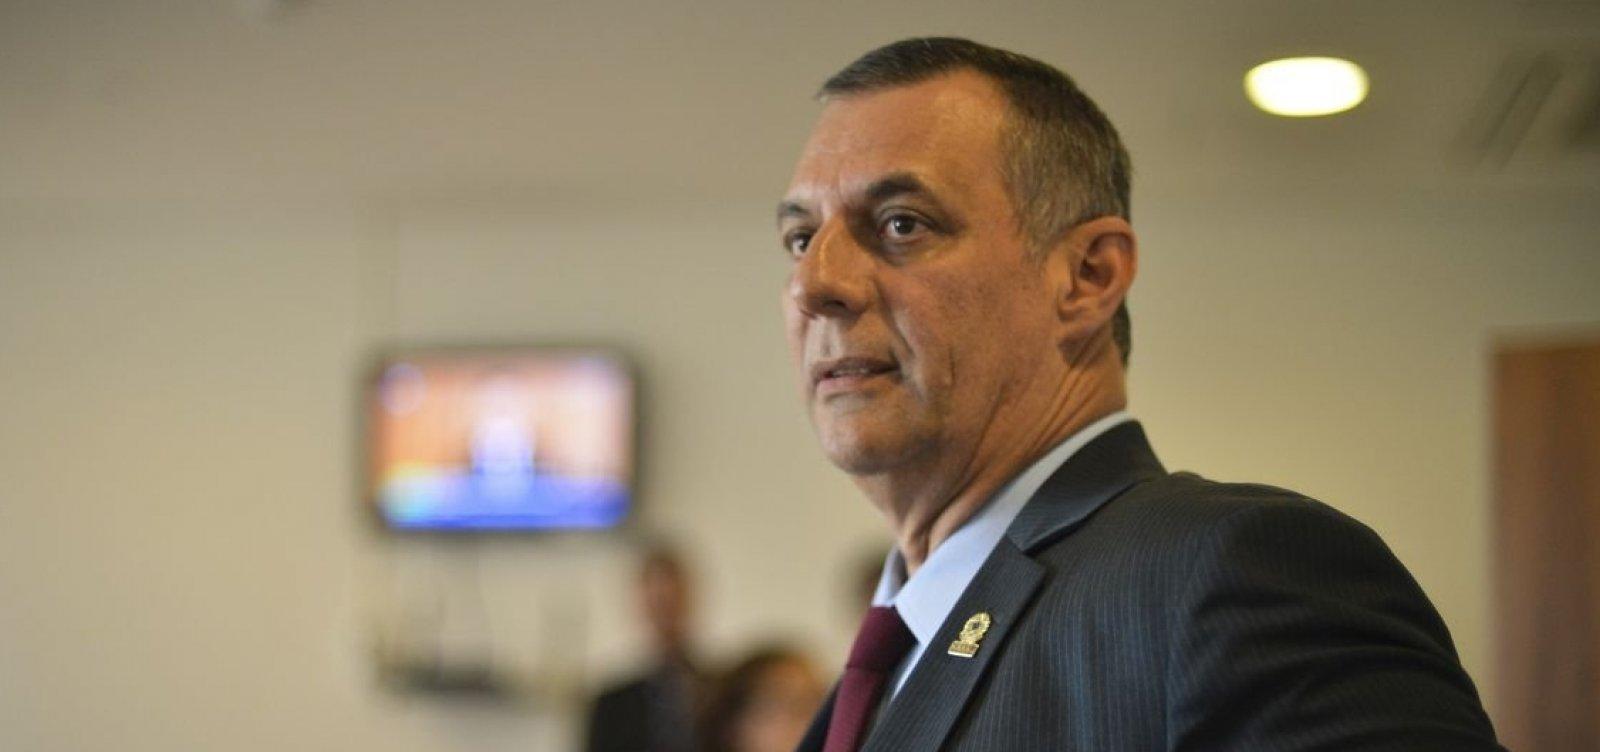 [Após publicar e apagar vídeo em rede social, Bolsonaro diz que declarações de Olavo 'não contribuem']